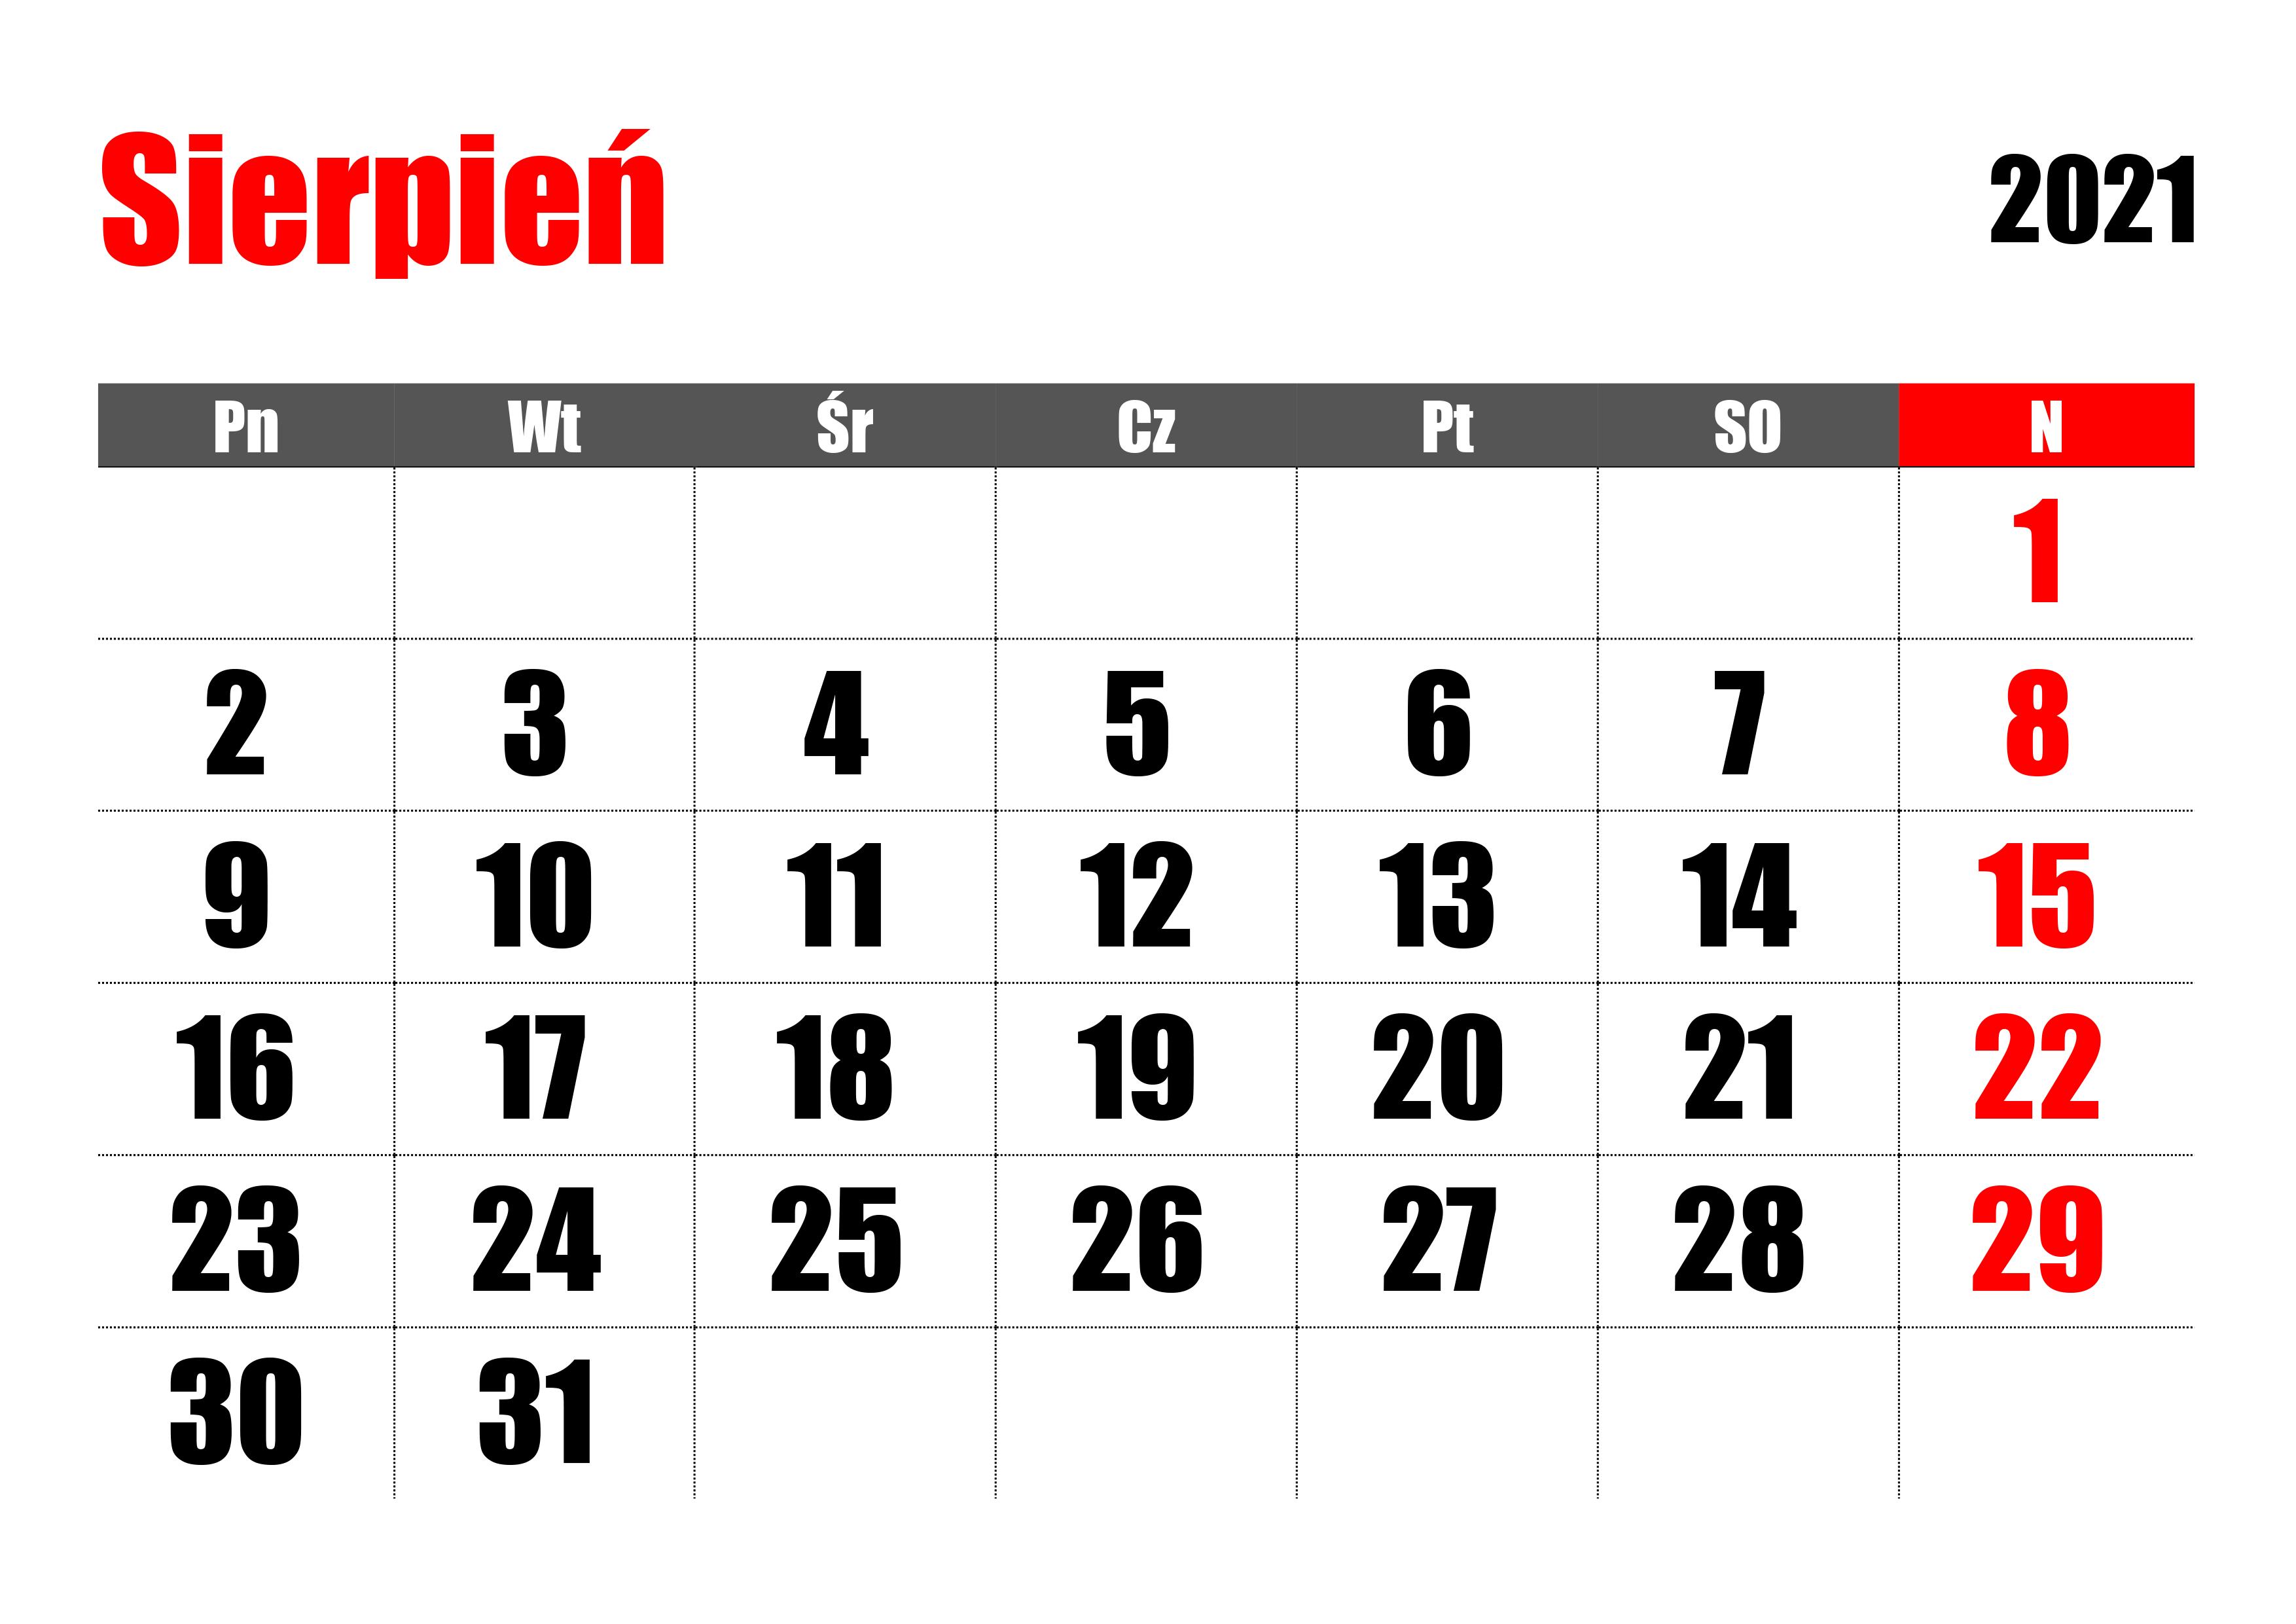 Kartka z kalendarza - sierpień 2021